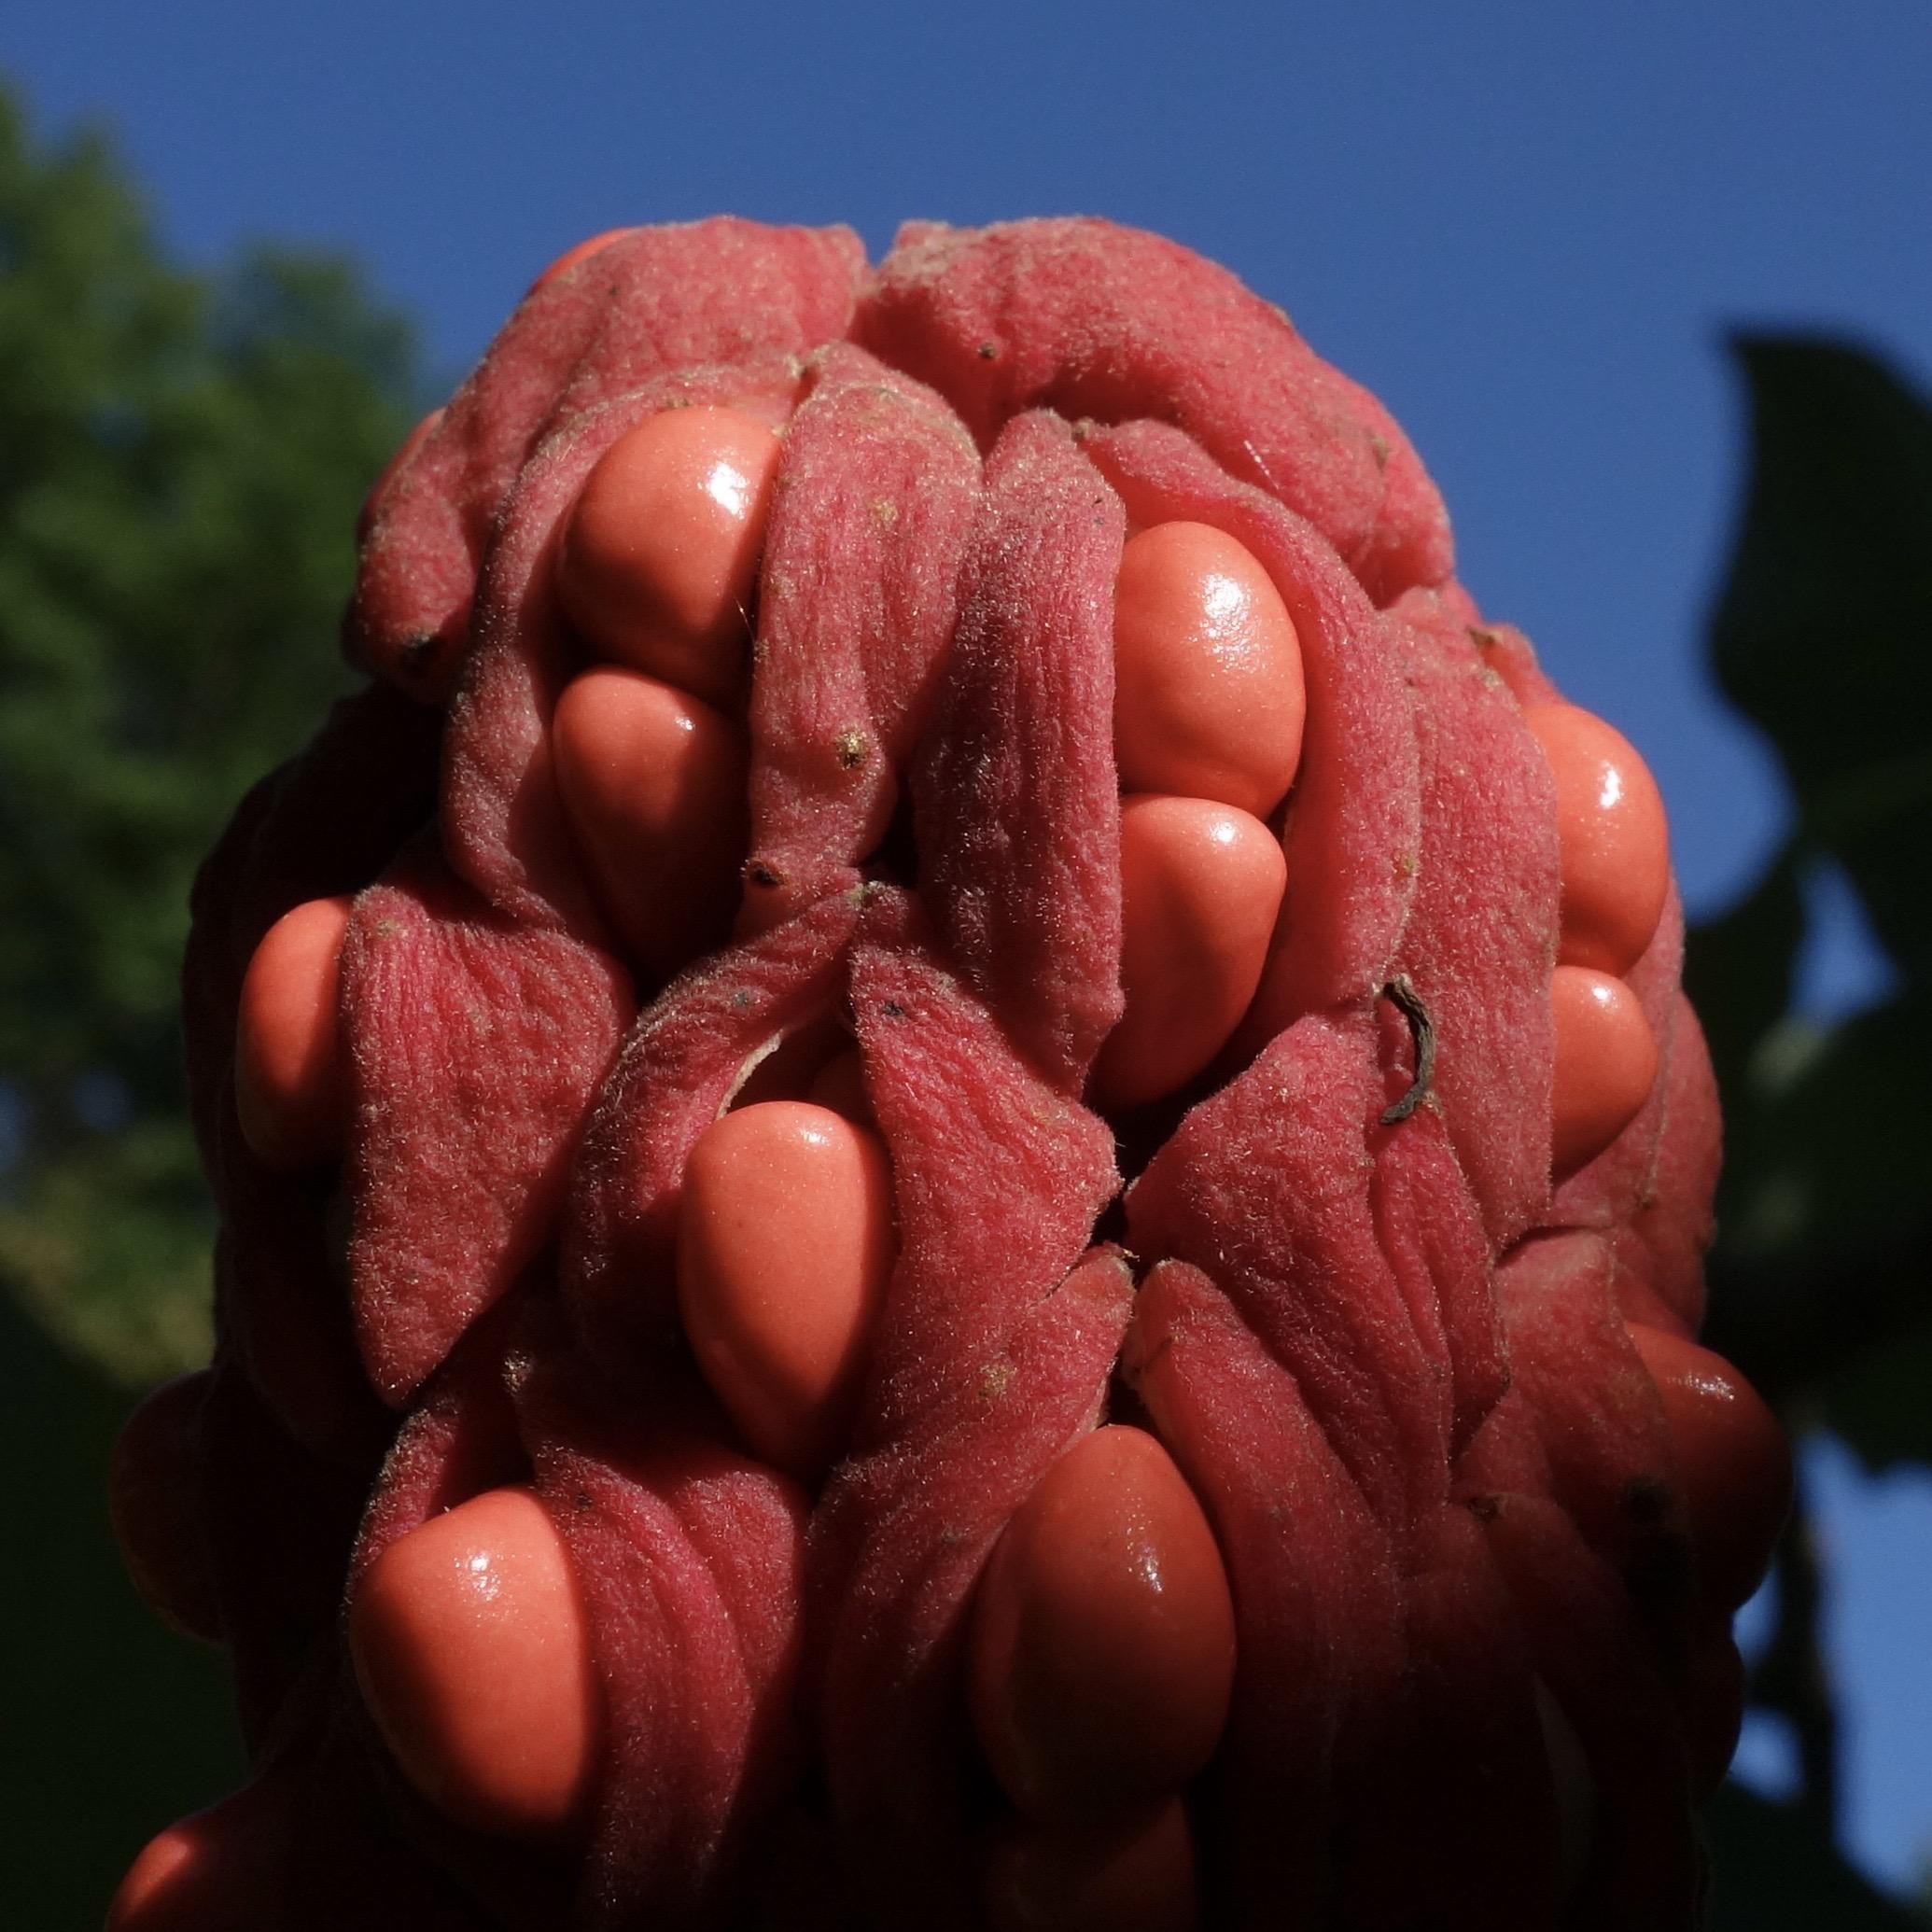 Magnolia macrophylla opening fruit